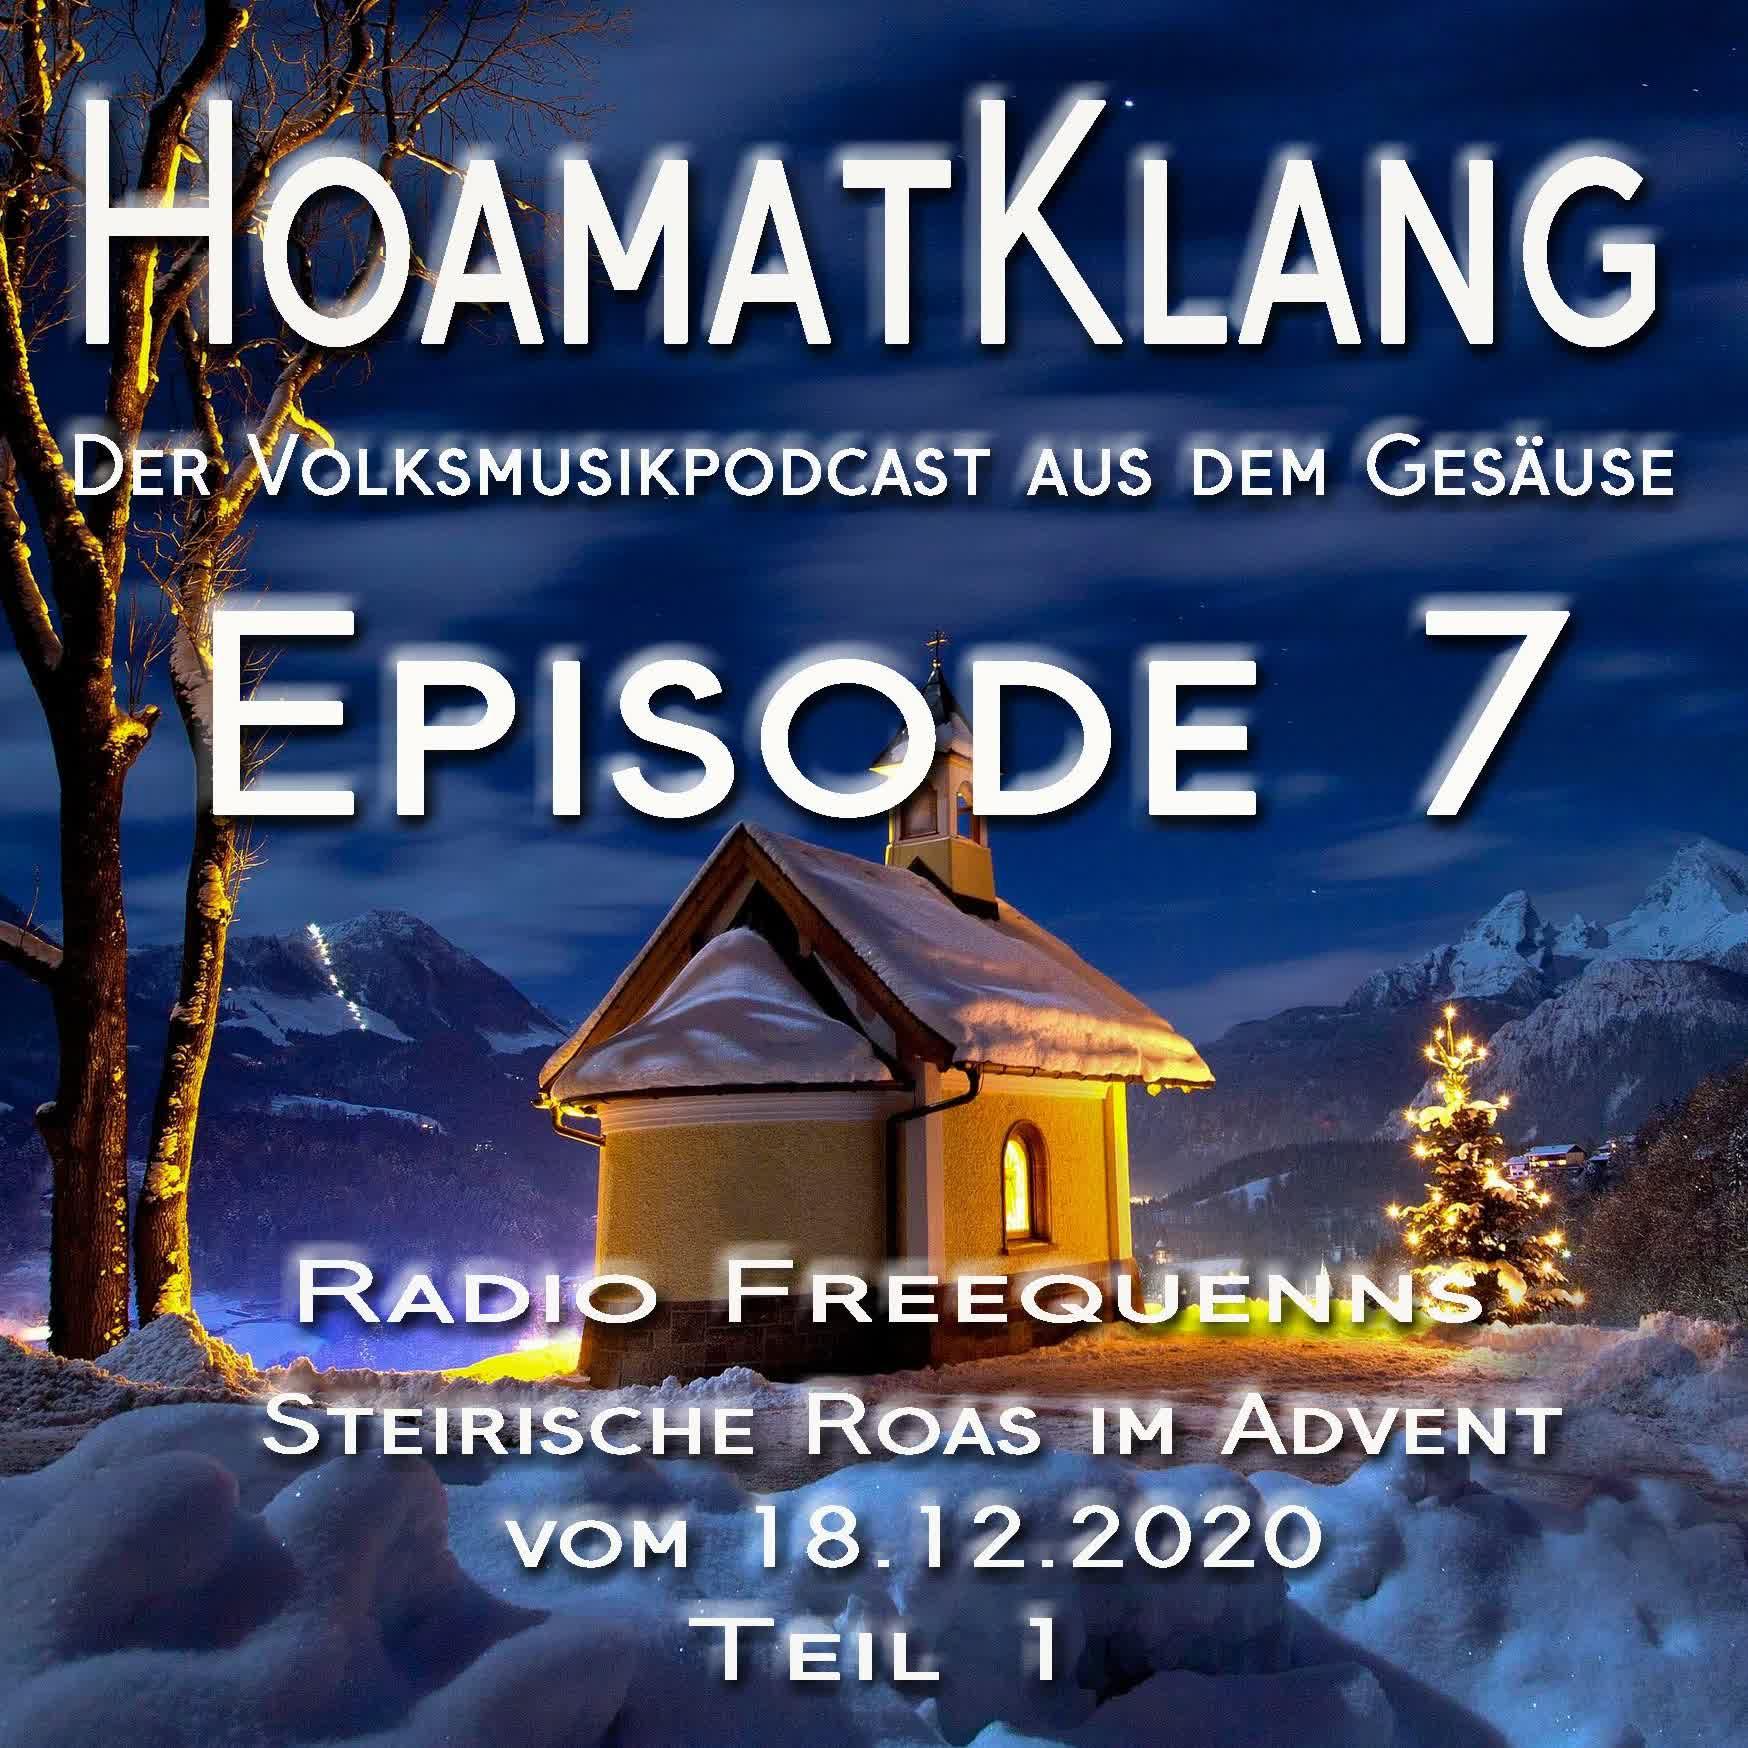 Hoamatklang_Episode_7_Steirische Roas im Advent vom 18.12.2020 Teil 1